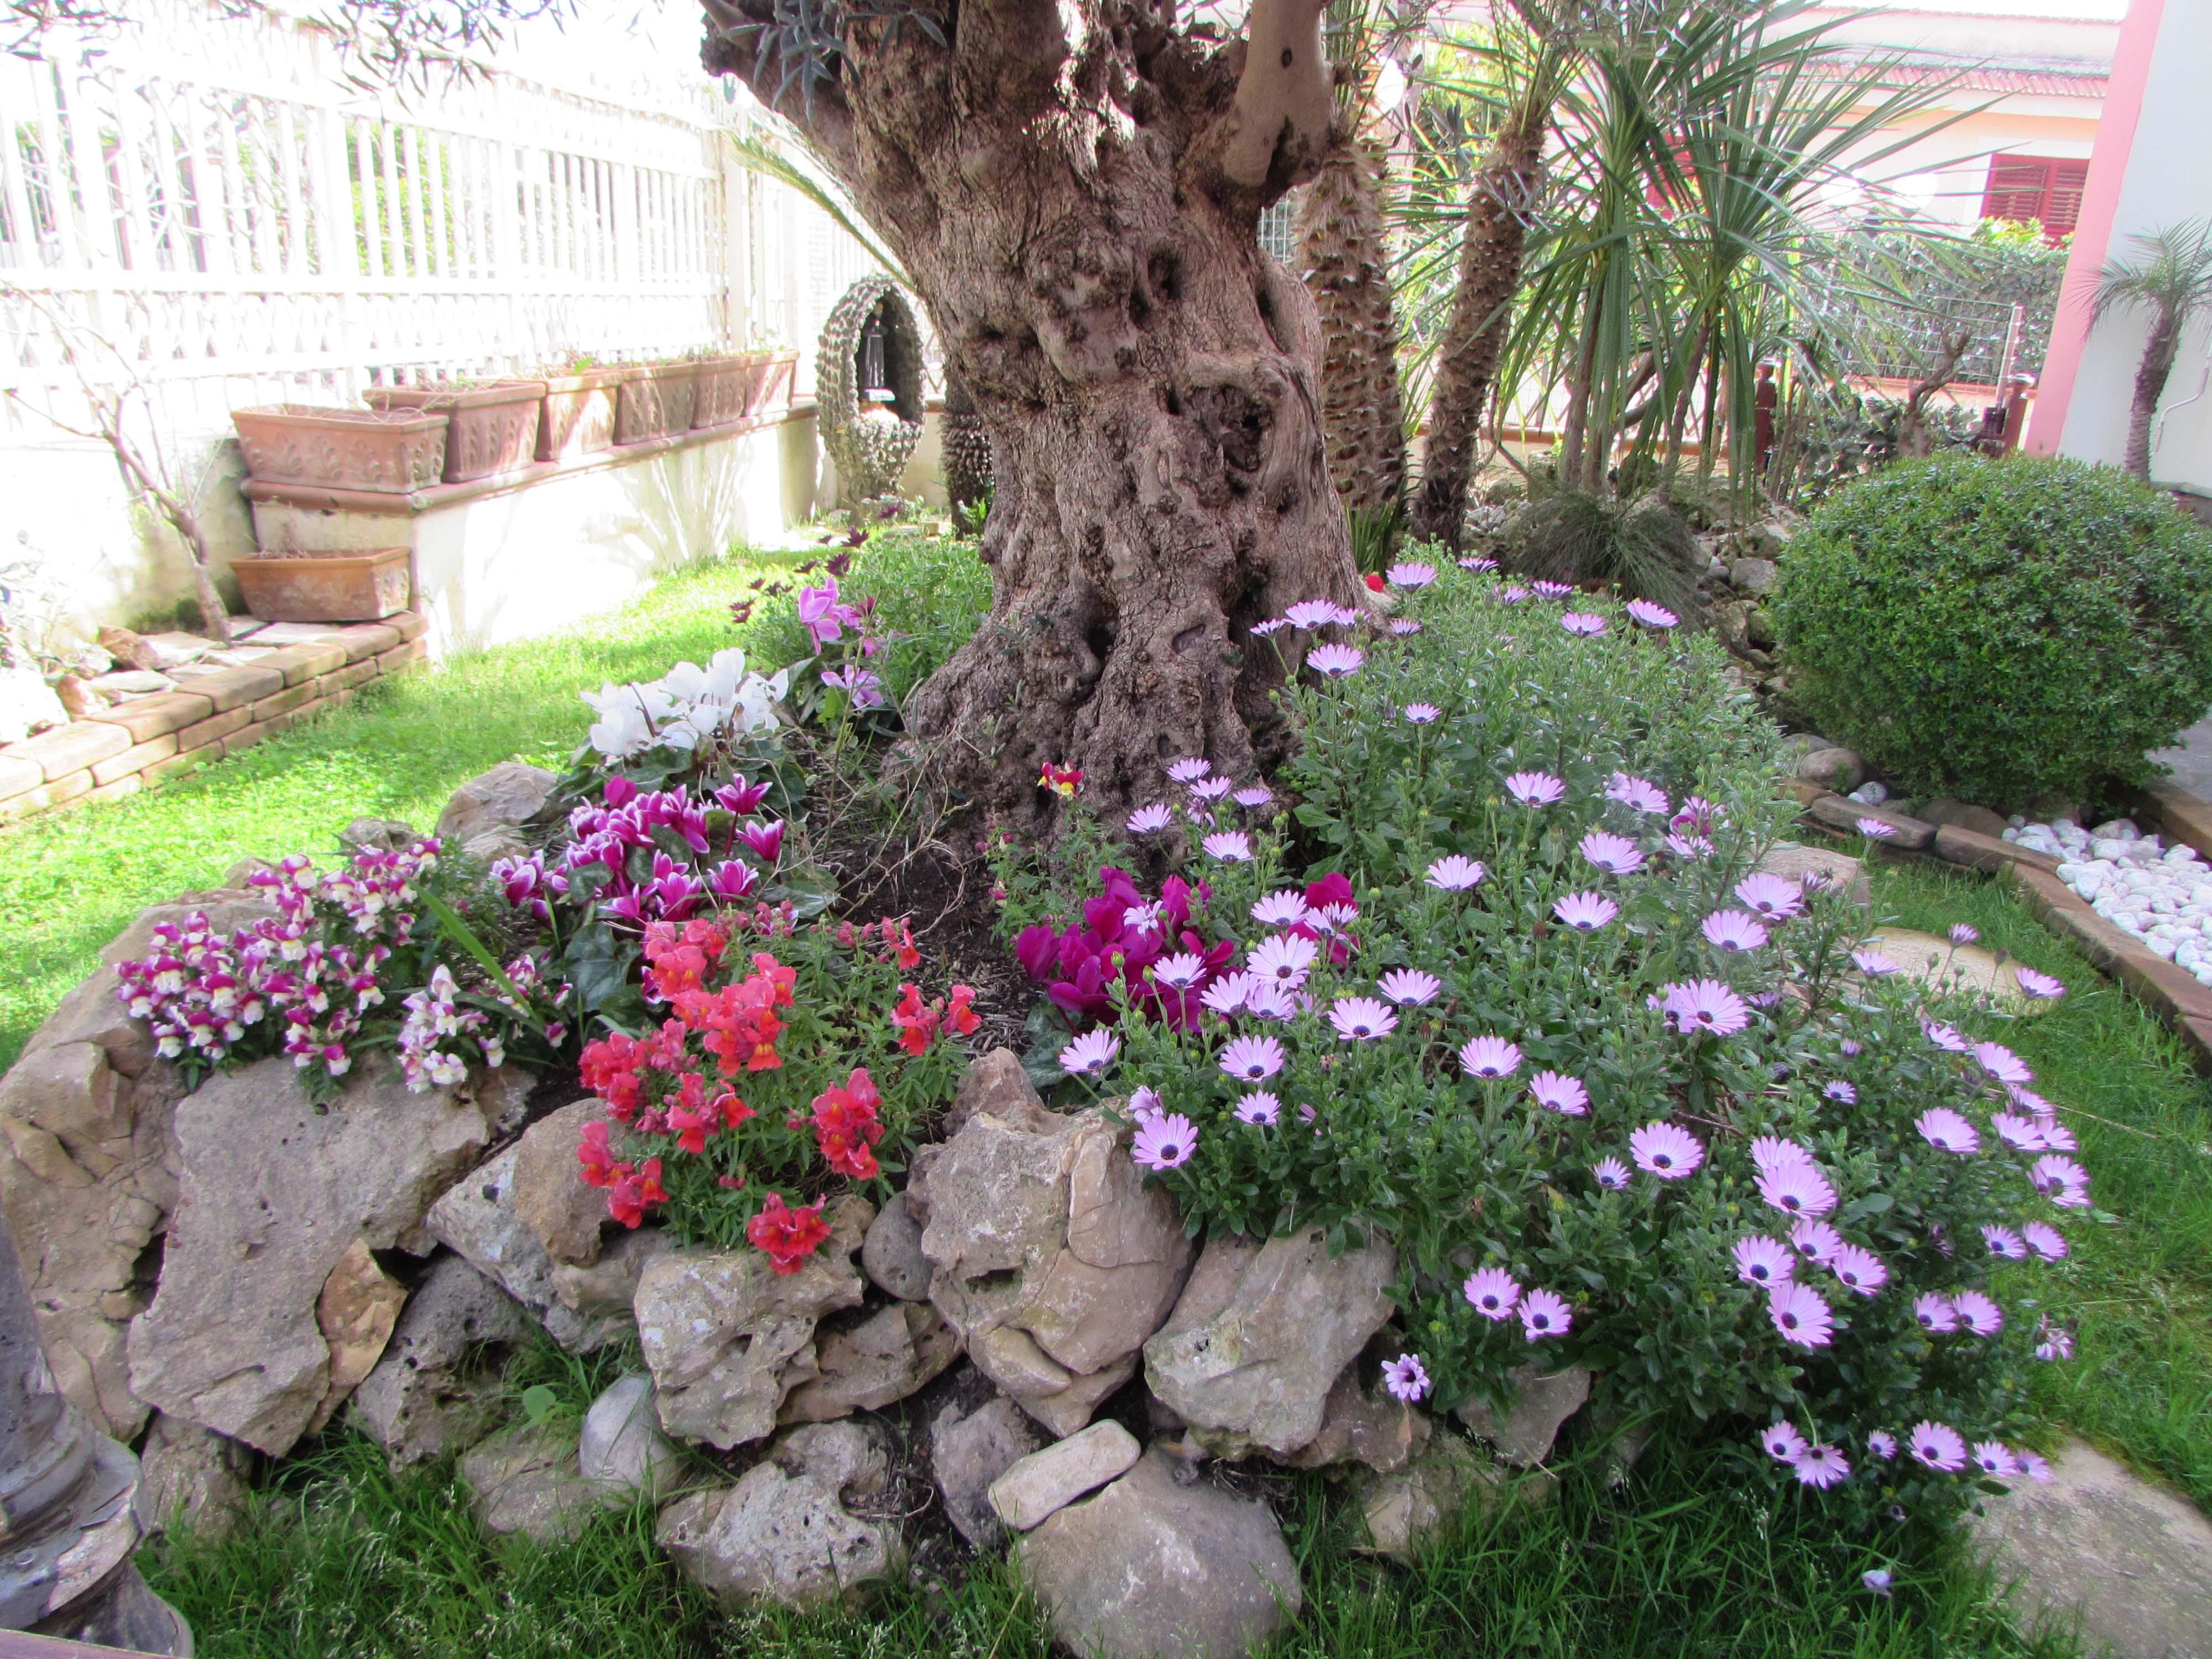 La primavera nel giardino di casa mia cancelloedarnonenews - Giardini di casa ...